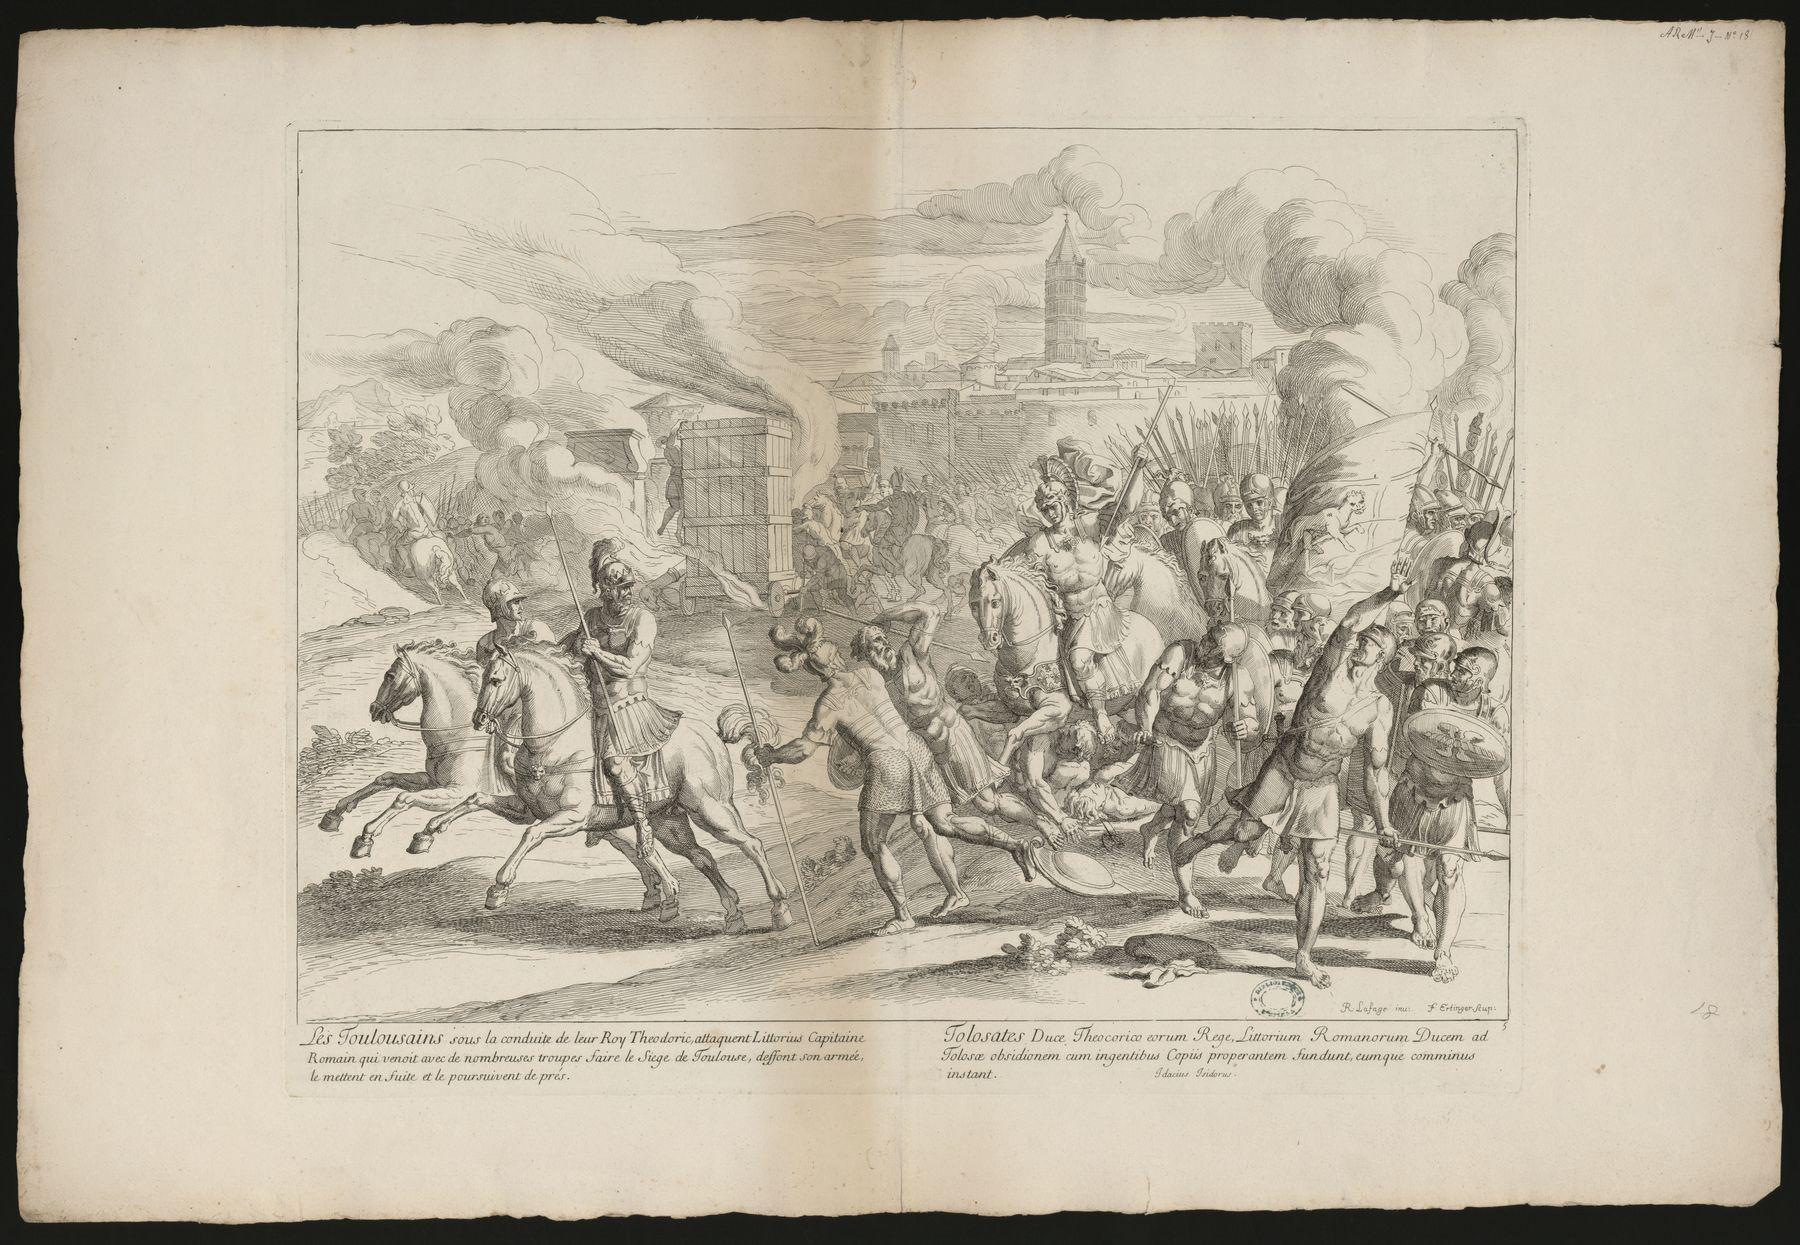 Contenu du Les Toulousains sous la conduite de leur Roy Theodoric, attaquent Littorius Capitaine Romain...